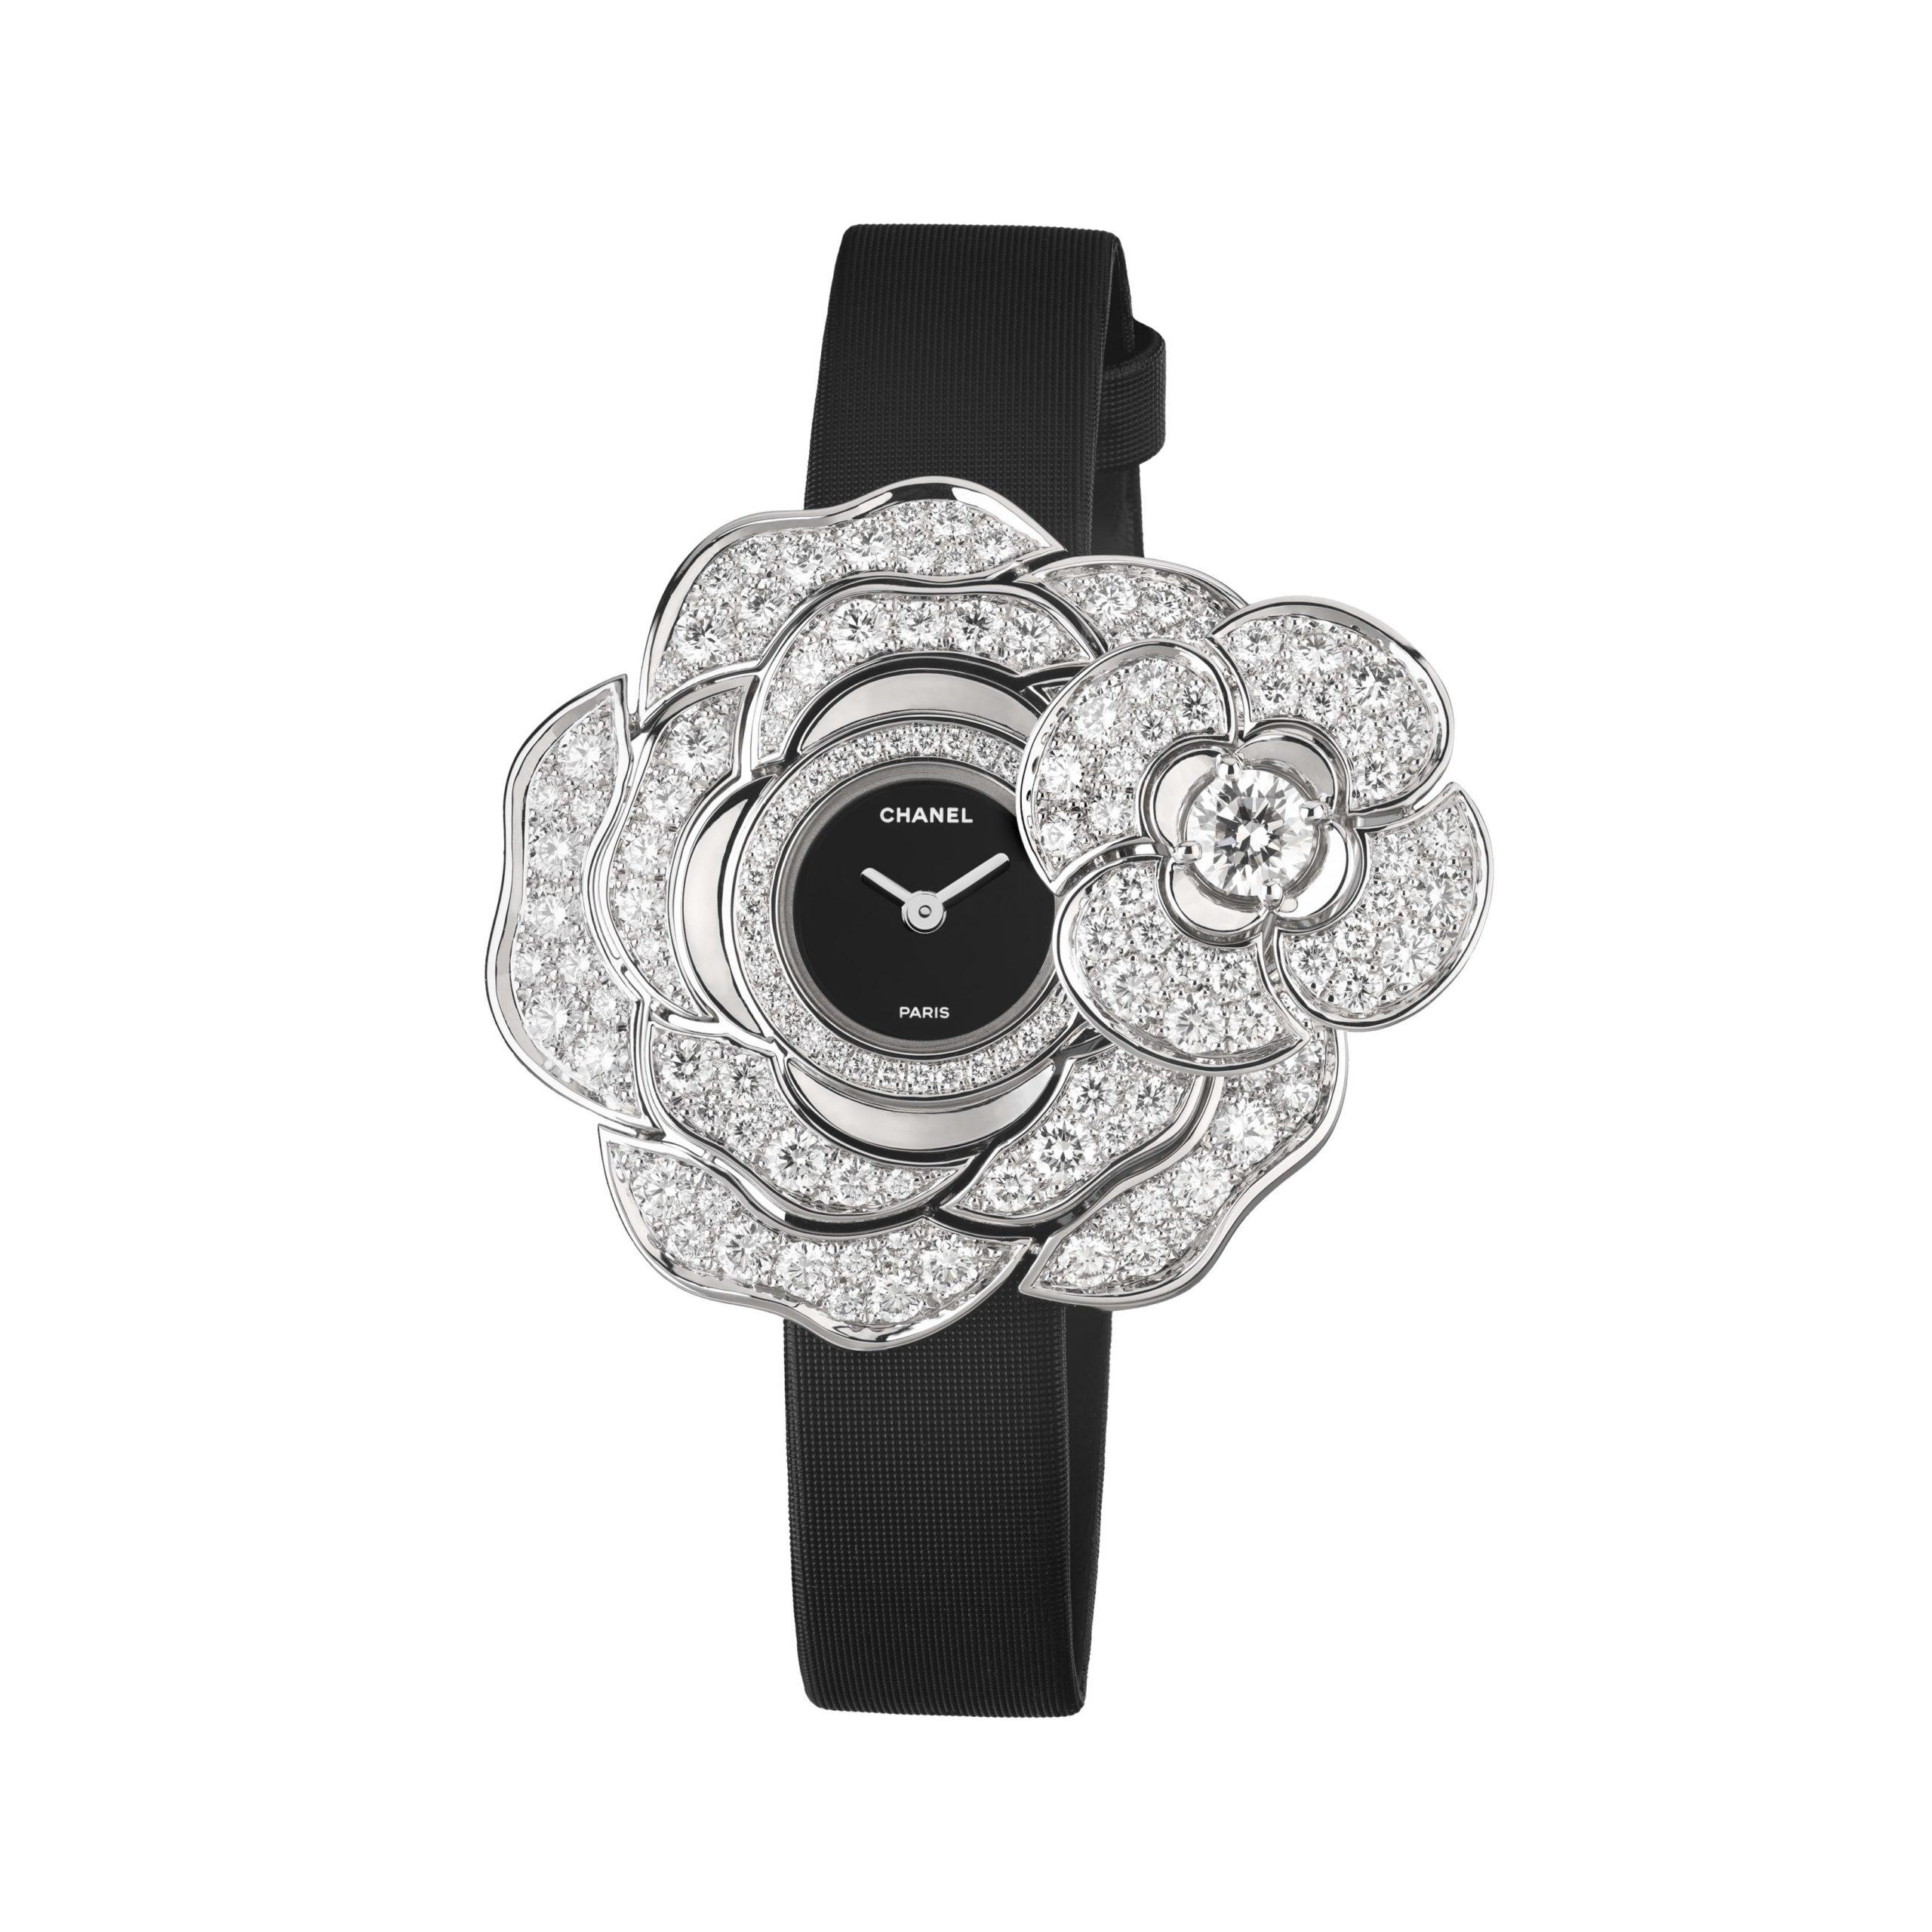 Chanel Camélia Jewelery watch